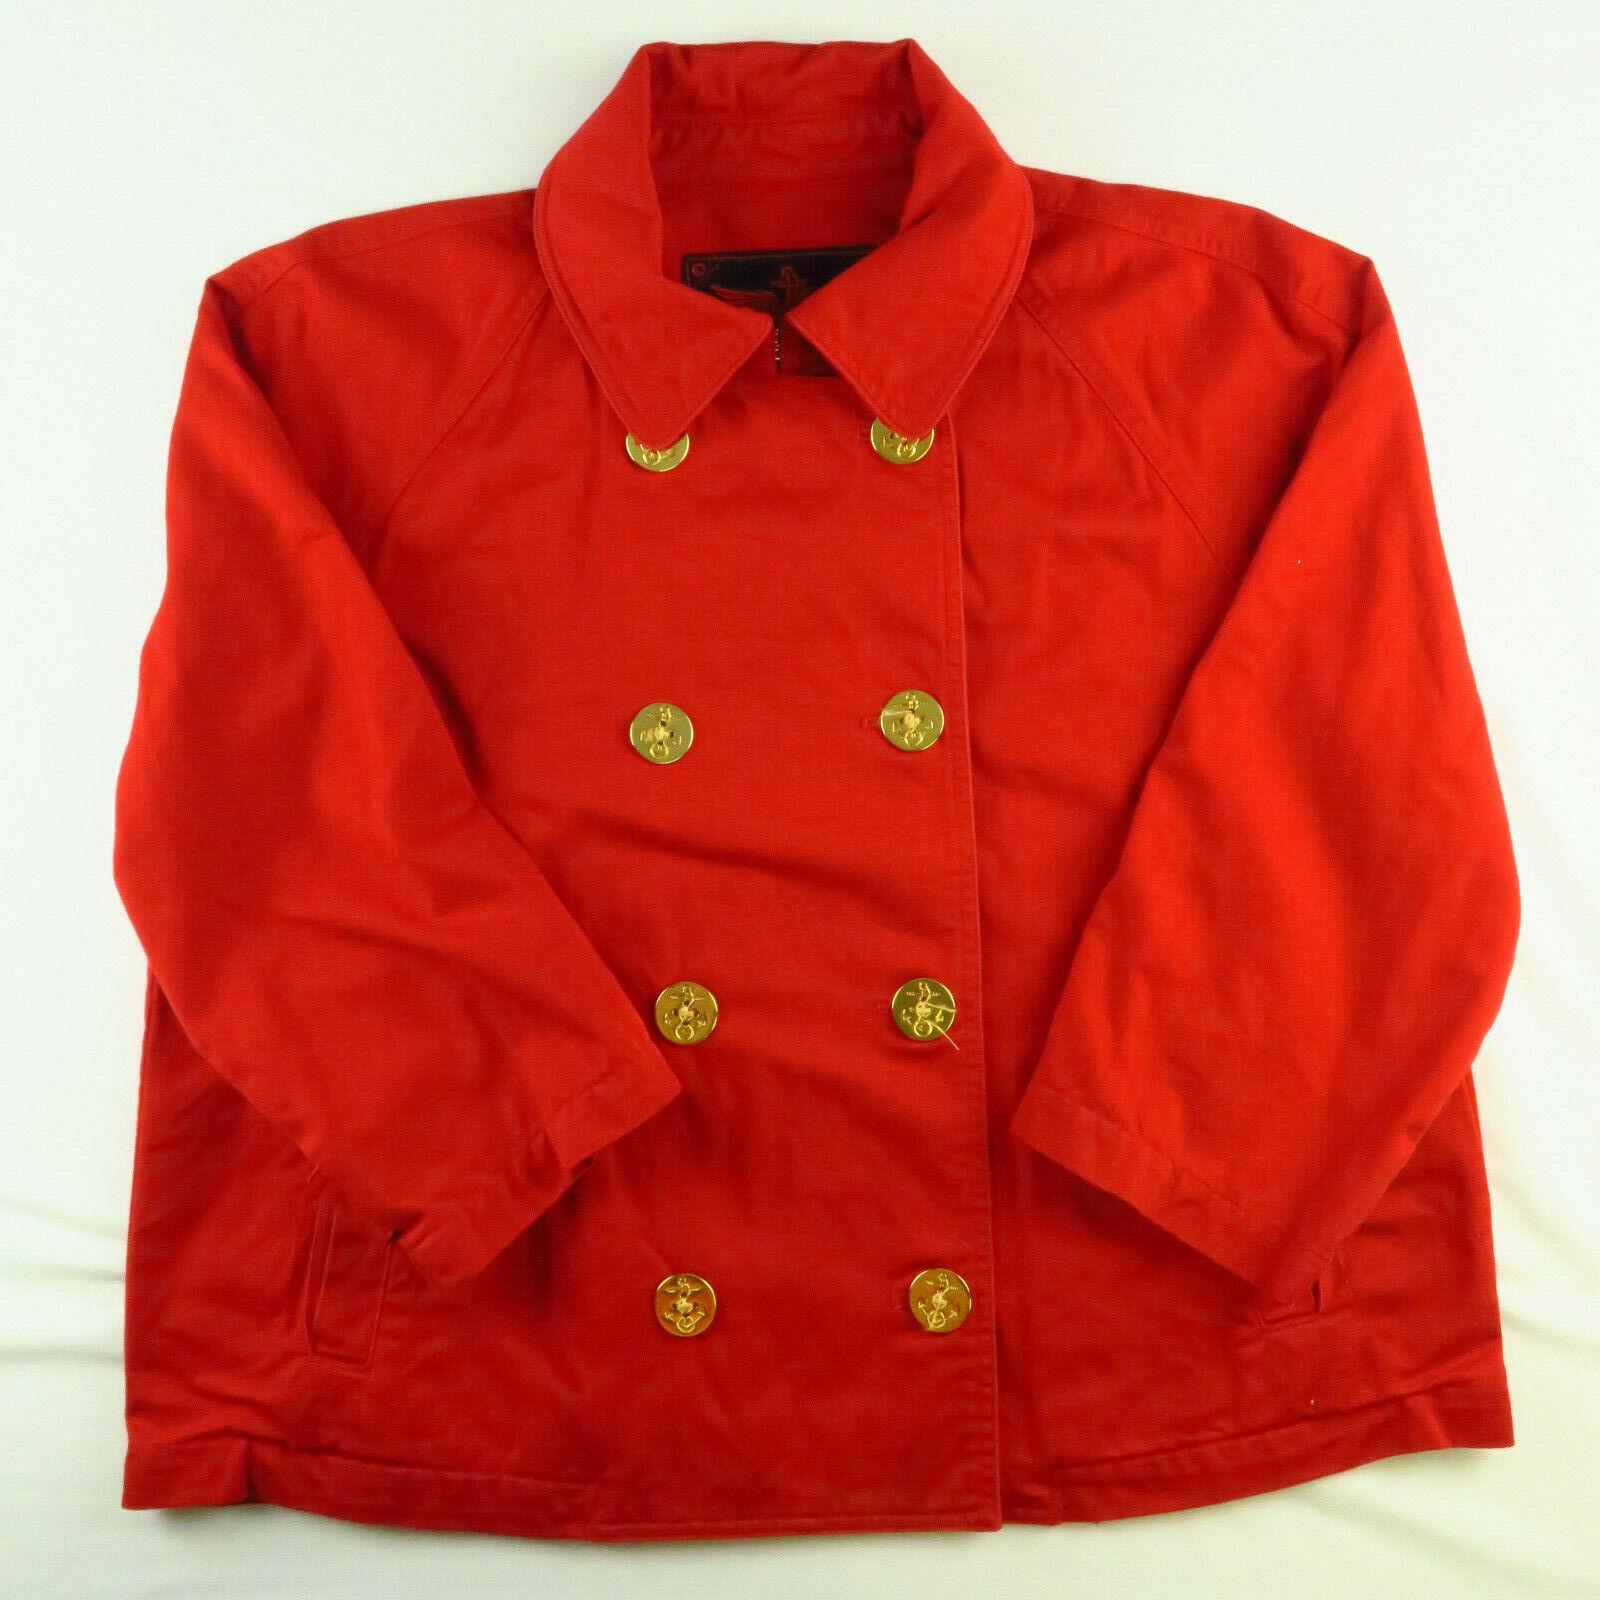 Lauren RL Red Denim/Canvas Nautical Jacket Gold Tone Buttons Women's XL Ralph